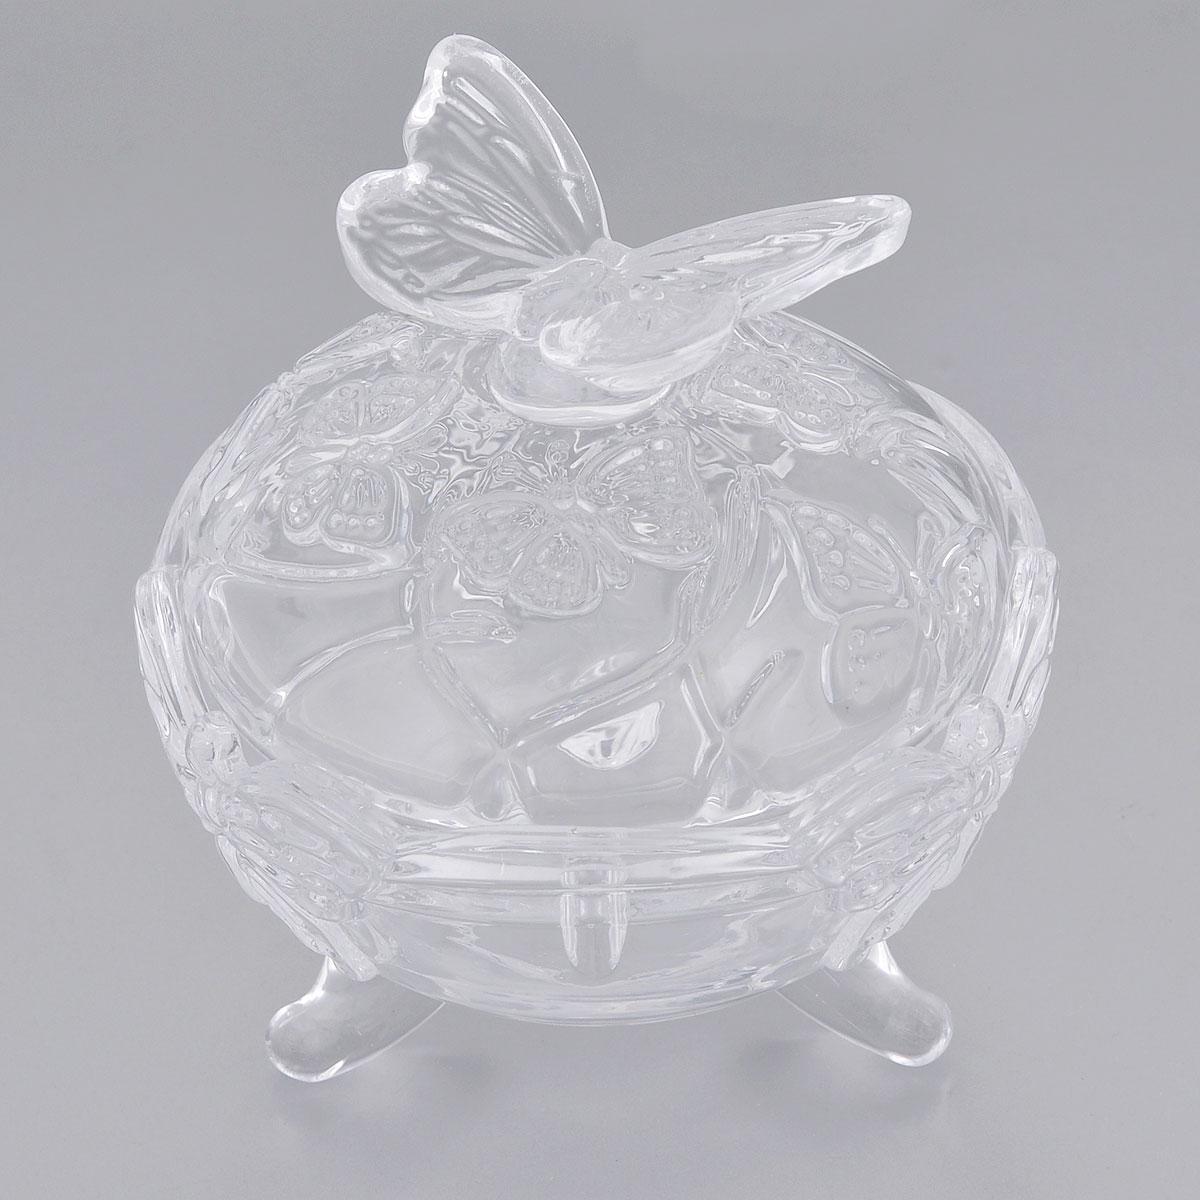 Конфетница Elan Gallery Бабочки, с крышкой, диаметр 10,5 см конфетницы elff ceramics ваза для конфет и фруктов 20 см в п у